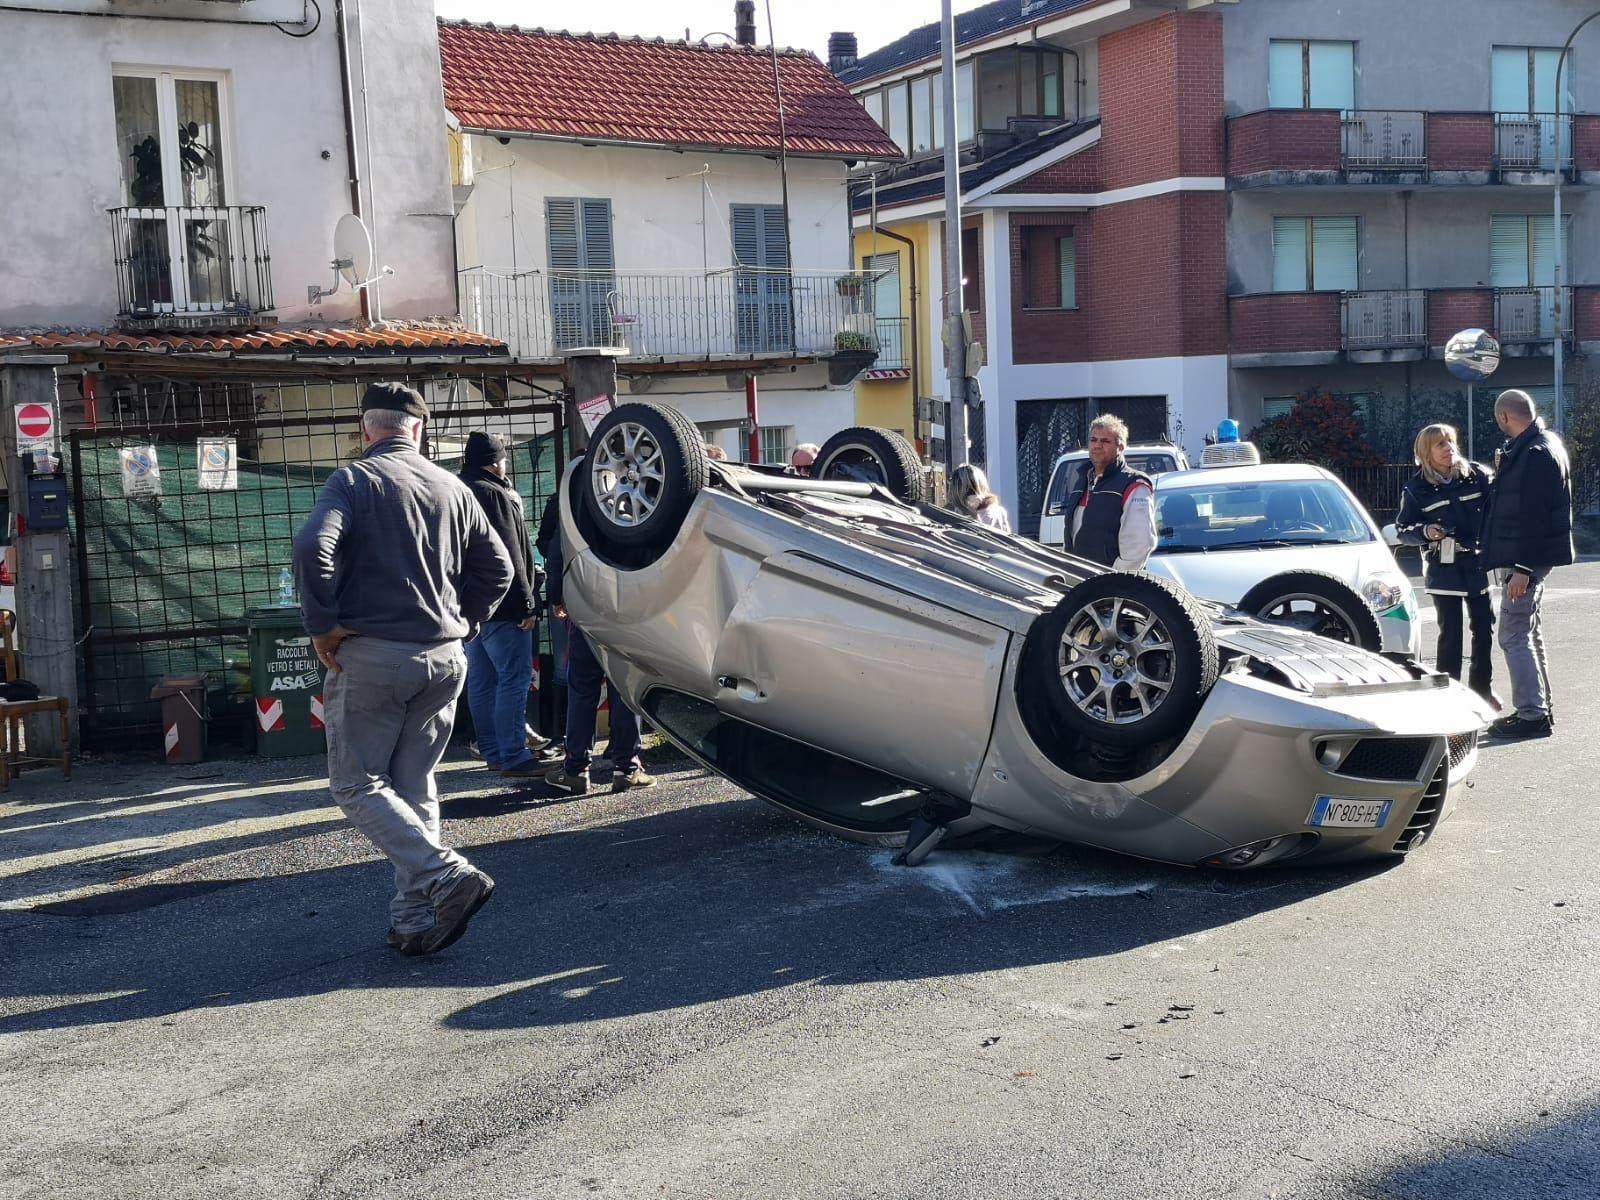 CUORGNE' - Incidente stradale: auto ribaltata sulla provinciale - FOTO